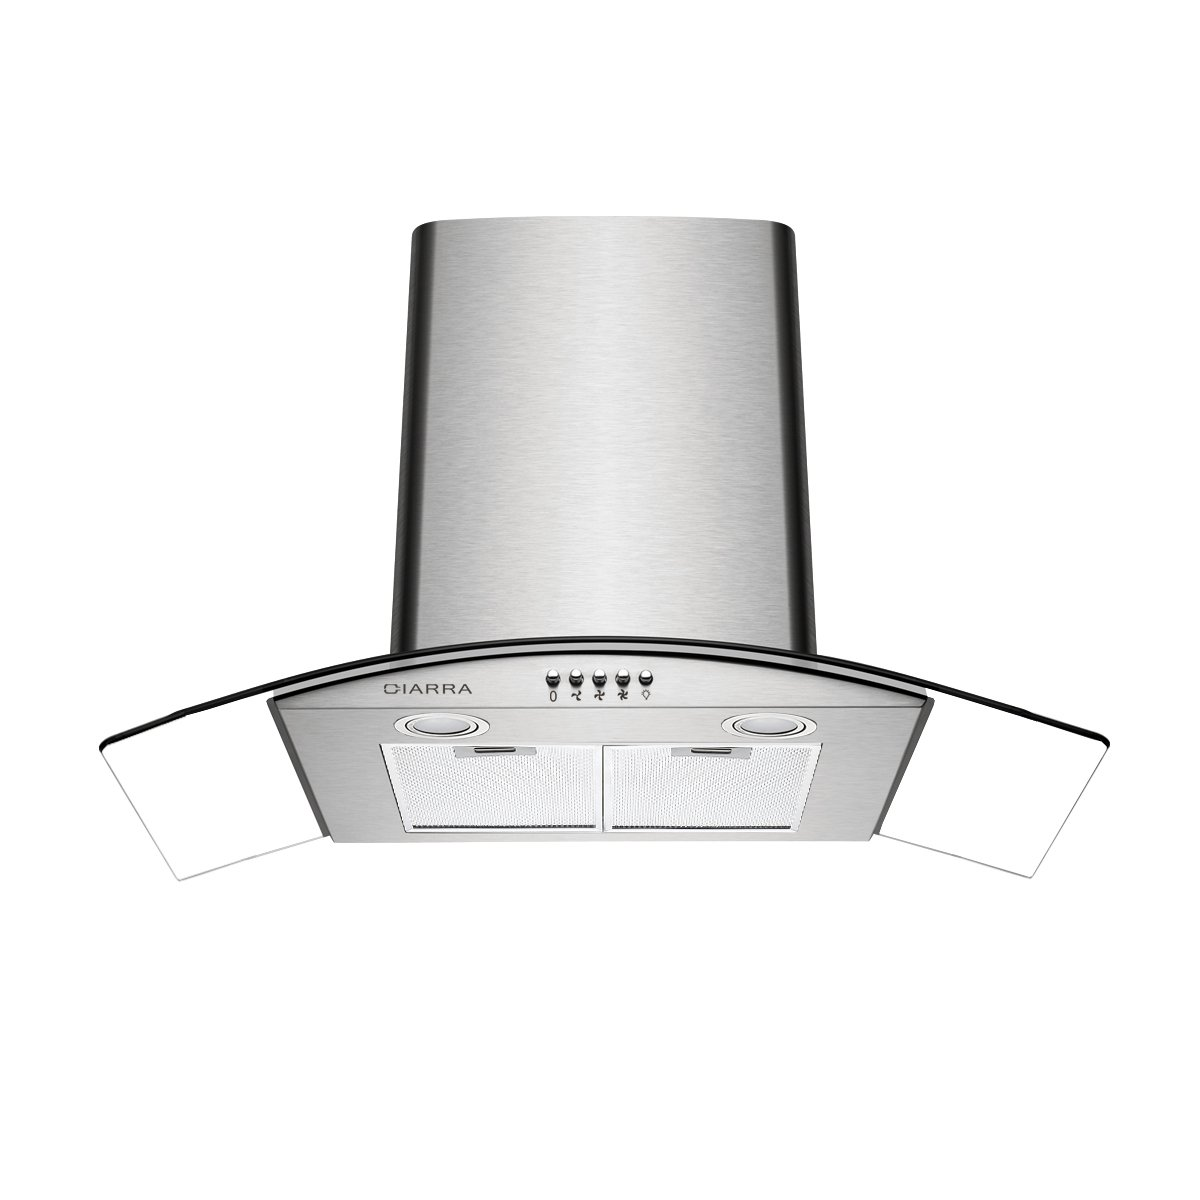 Ciarra Dunstabzugshaube 60cm / 550 m³ / h/ 3 Leistungsstufen/Glas Edelstahl-Unterbau-Haube (Abluft/Umluft) / Silber[Energieklasse C] (60cm)